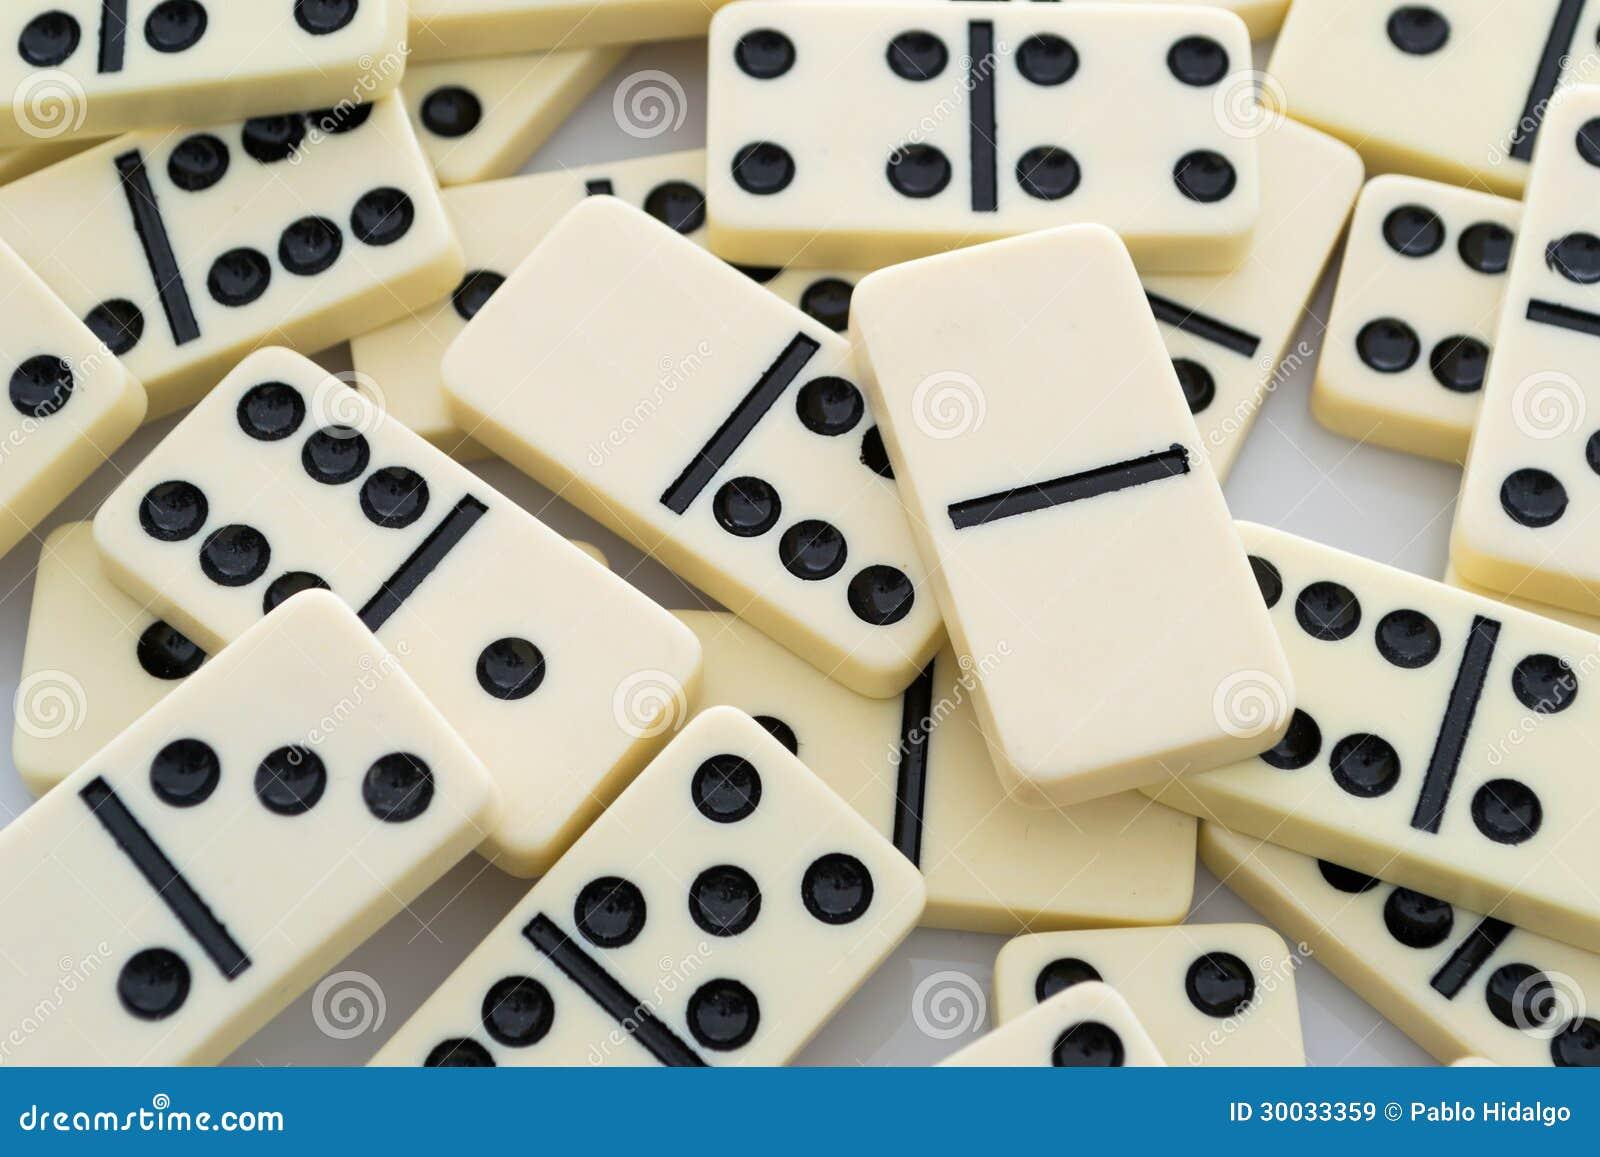 how to win online casino domino wetten